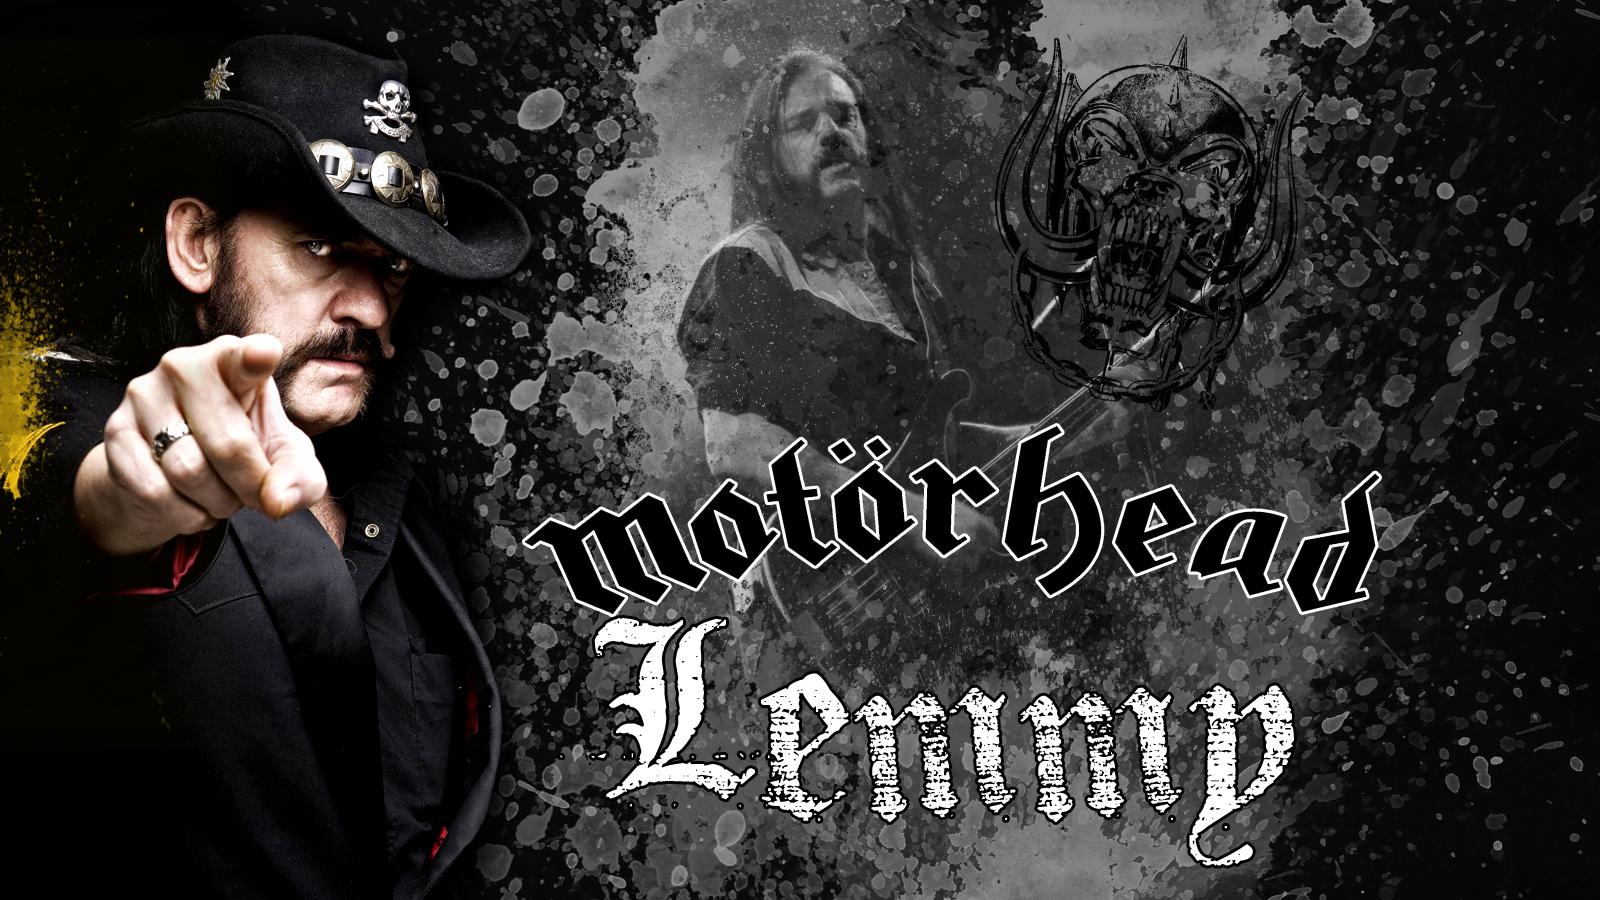 MOTORHEAD heavy metal hard rock l wallpaper 1600x900 86364 1600x900